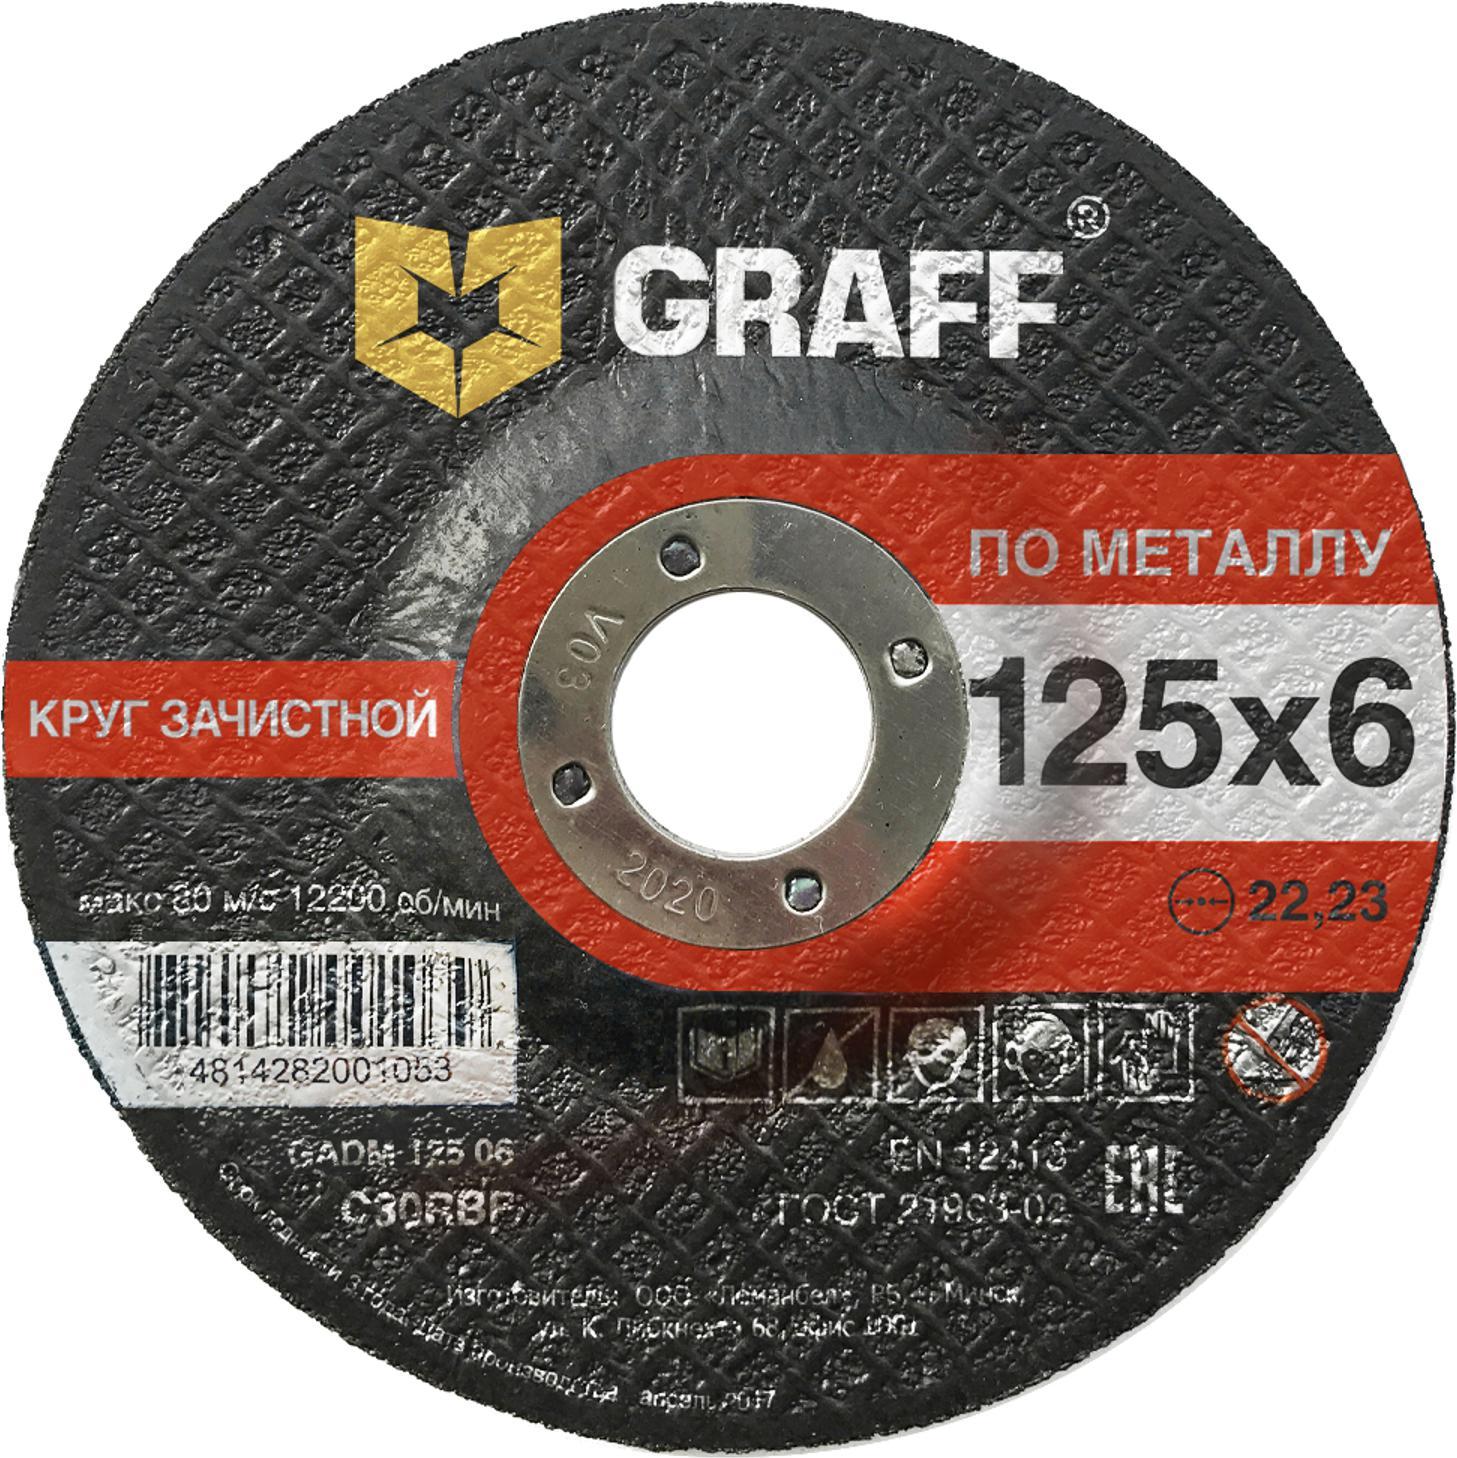 Круг зачистной Graff Gadm 125 06